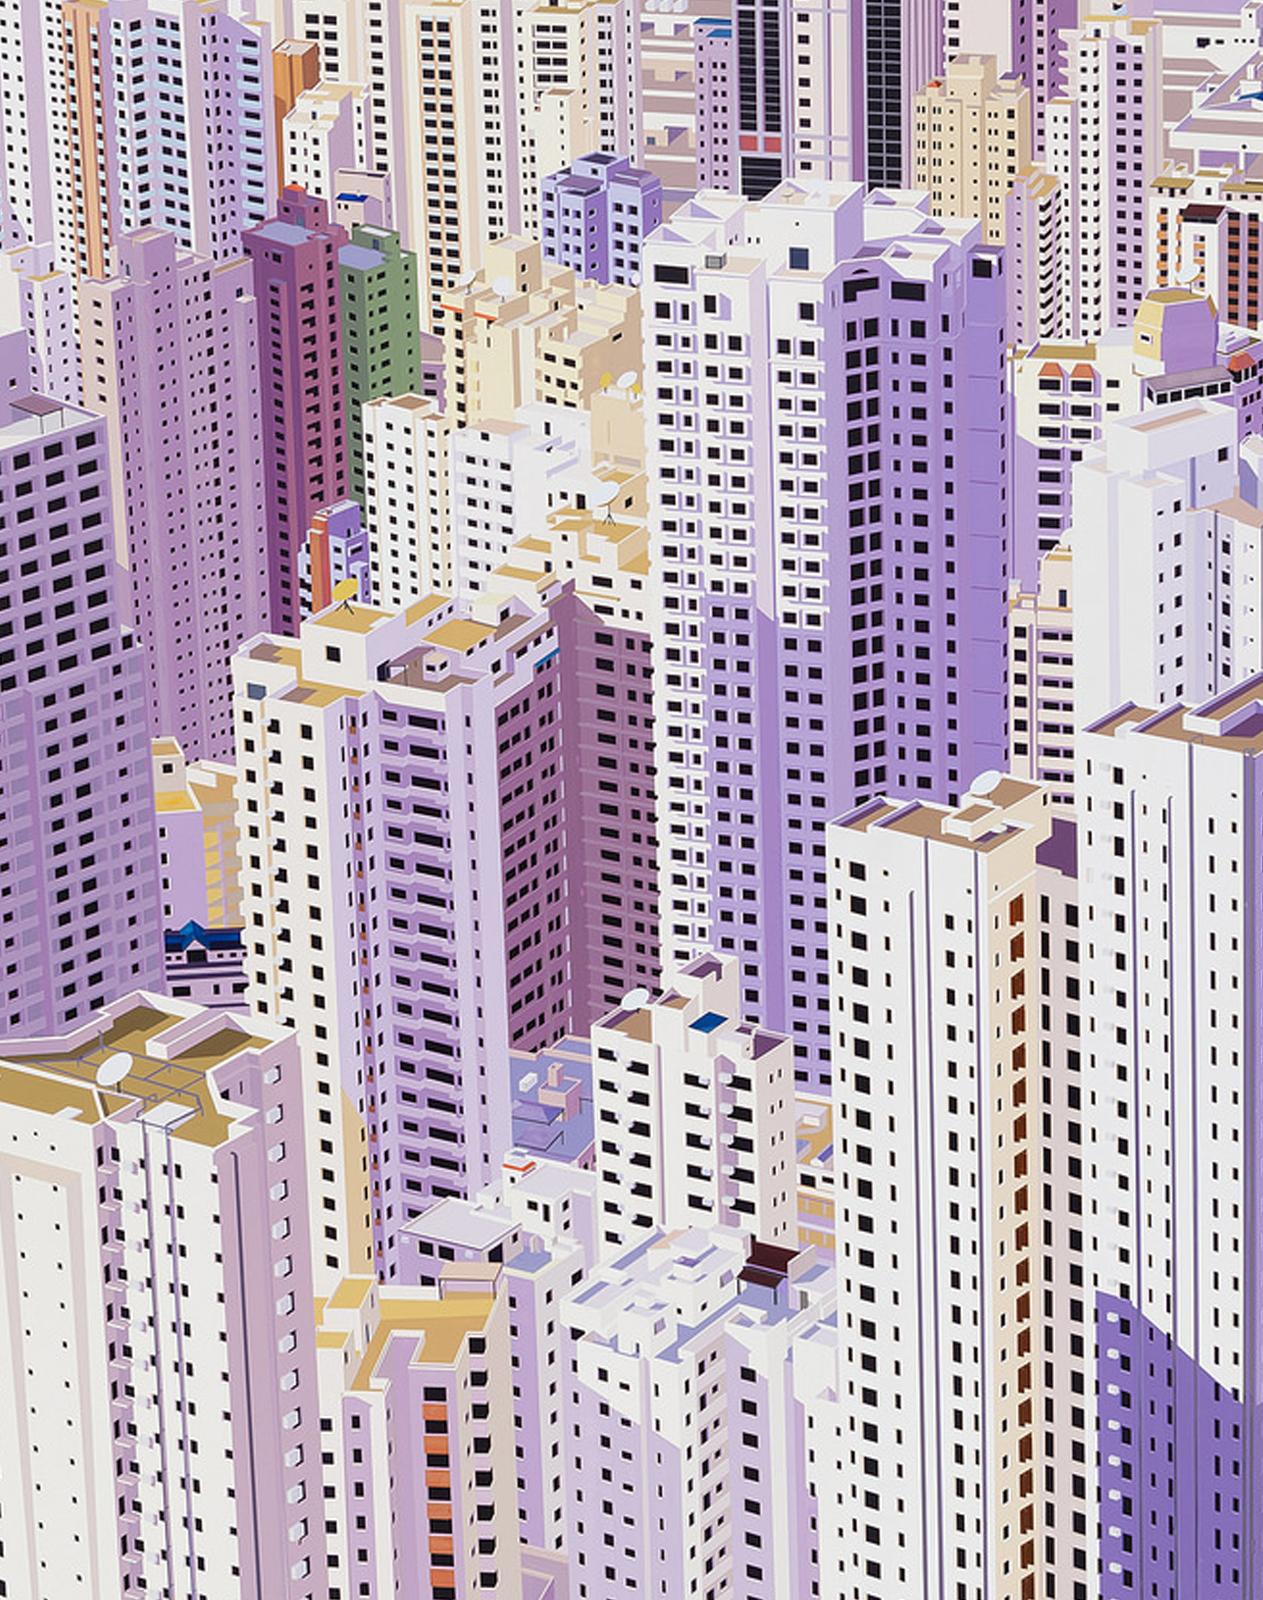 daniel-rich-architectural-paintings-mexico-design-revista-3